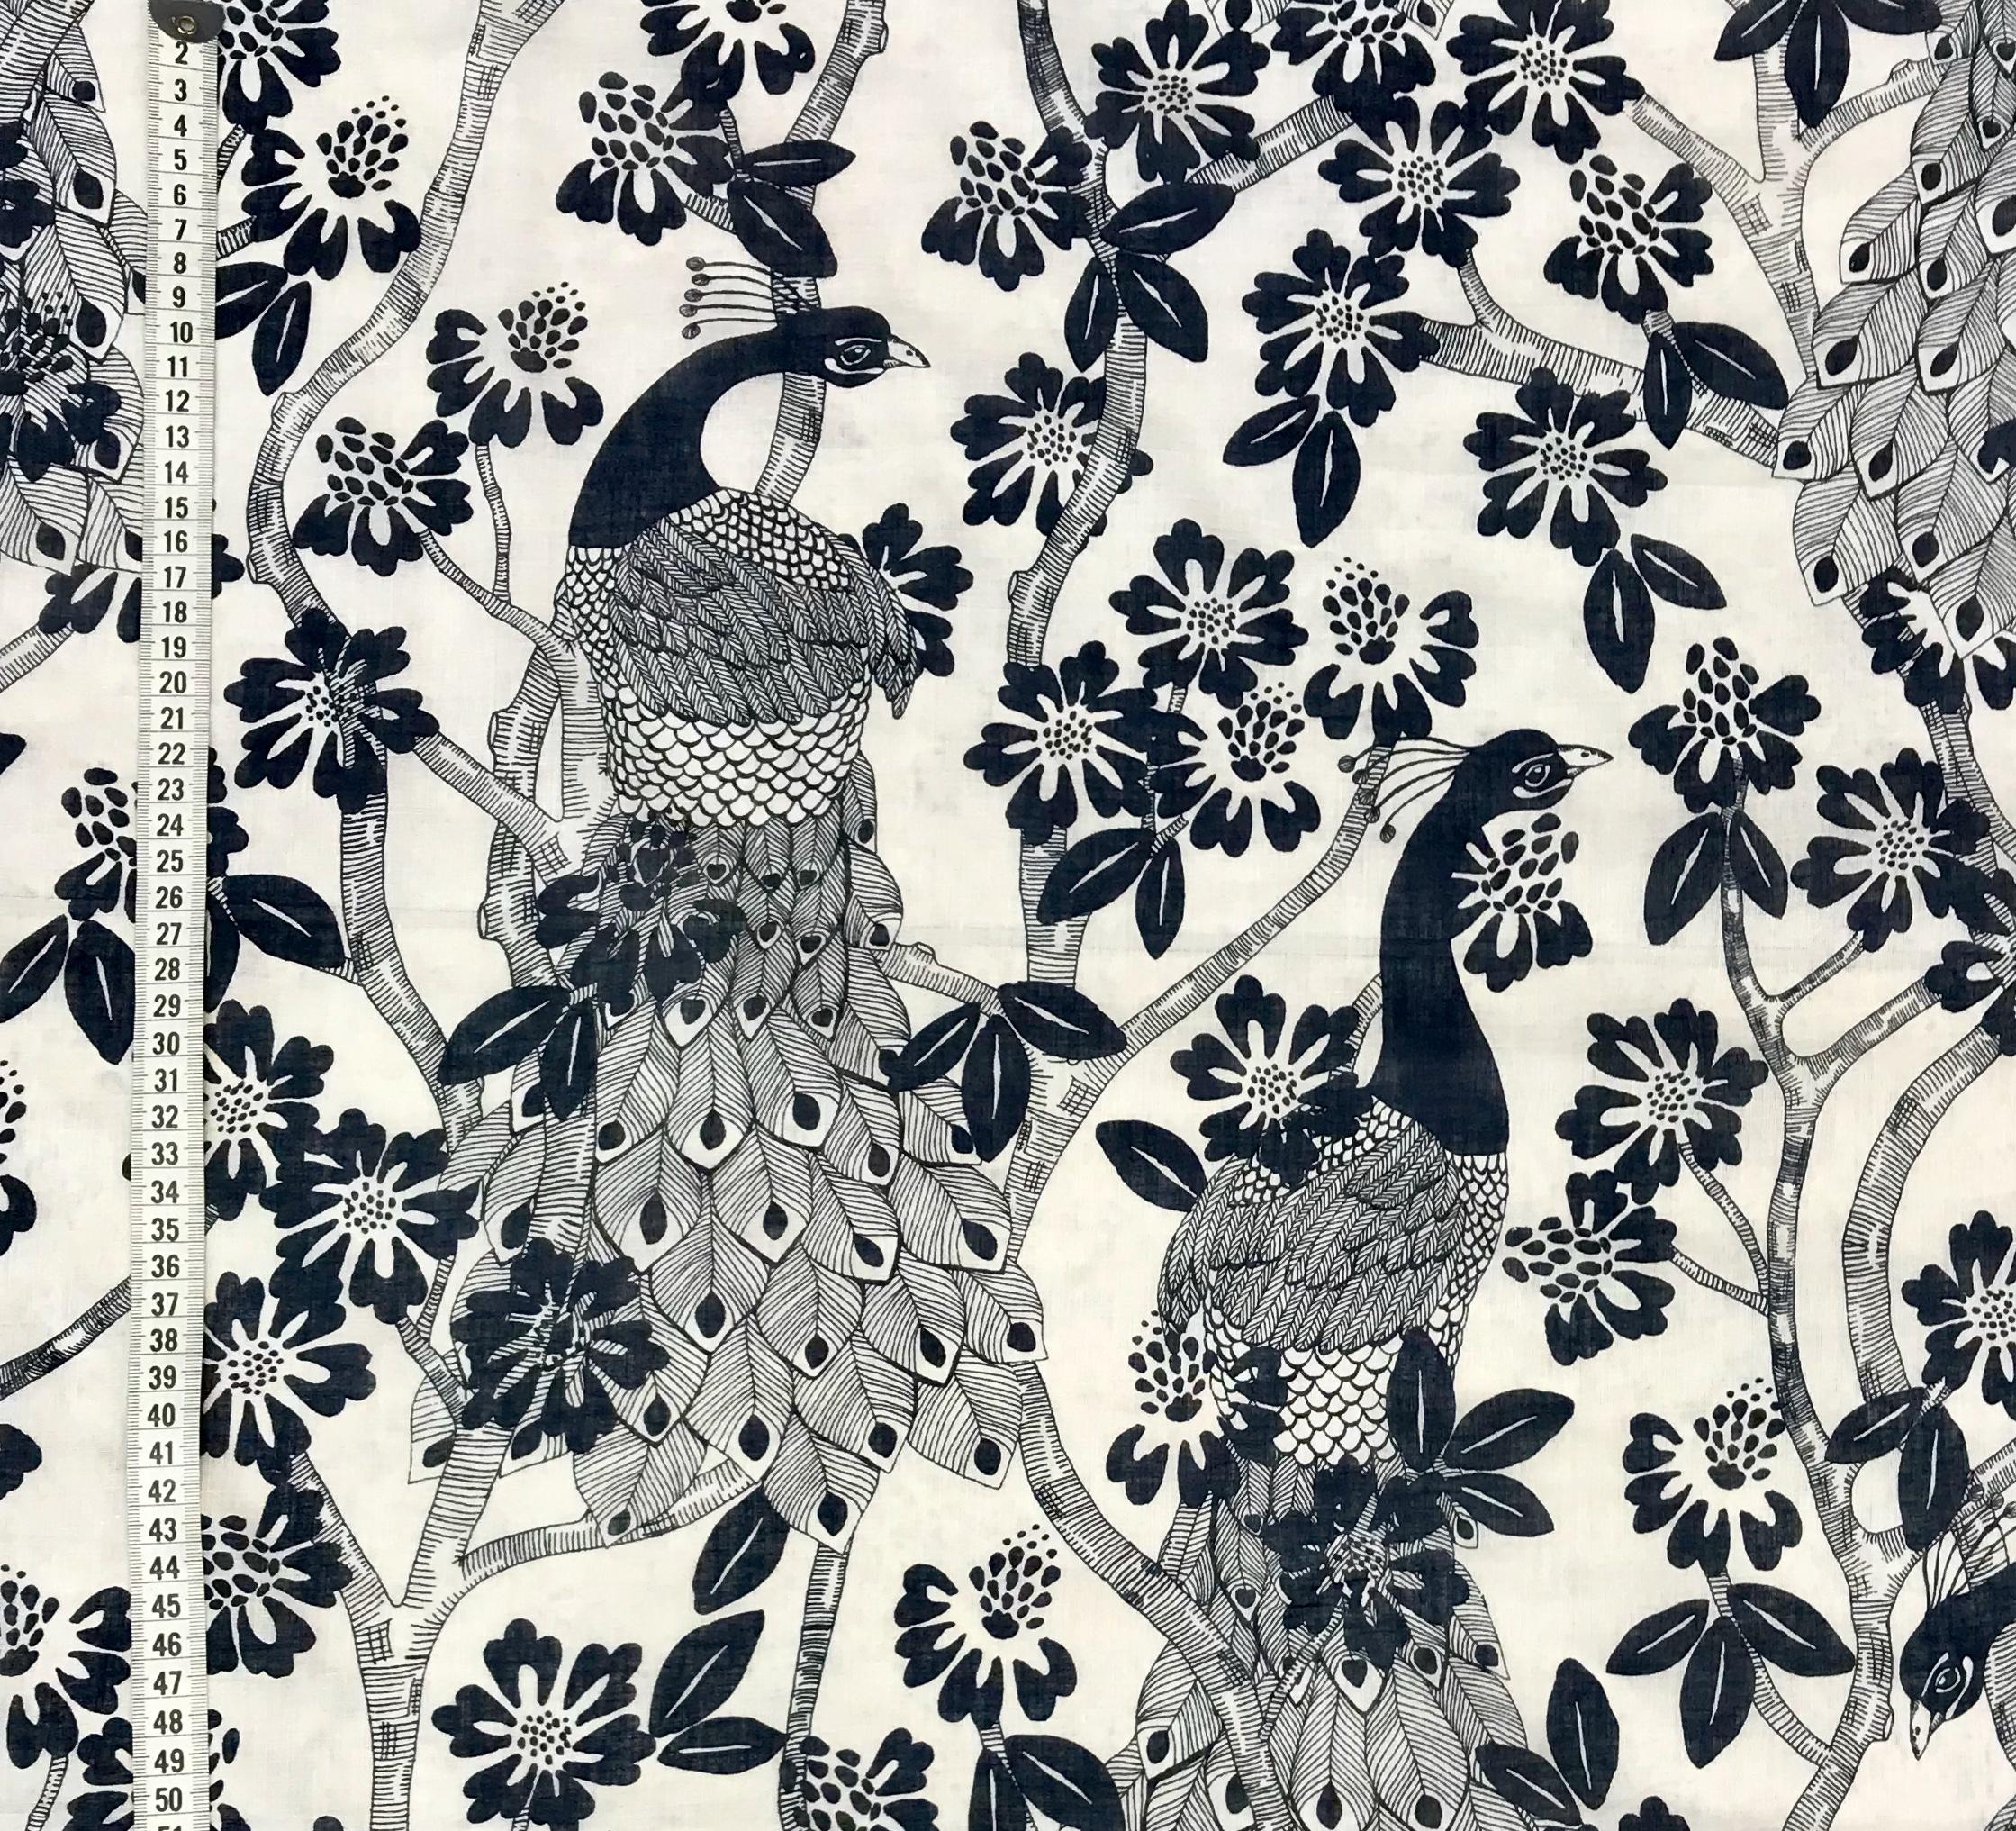 Påfågel blå tunt vävt tyg Tyglust bomull polyester metervara mode hemtextil